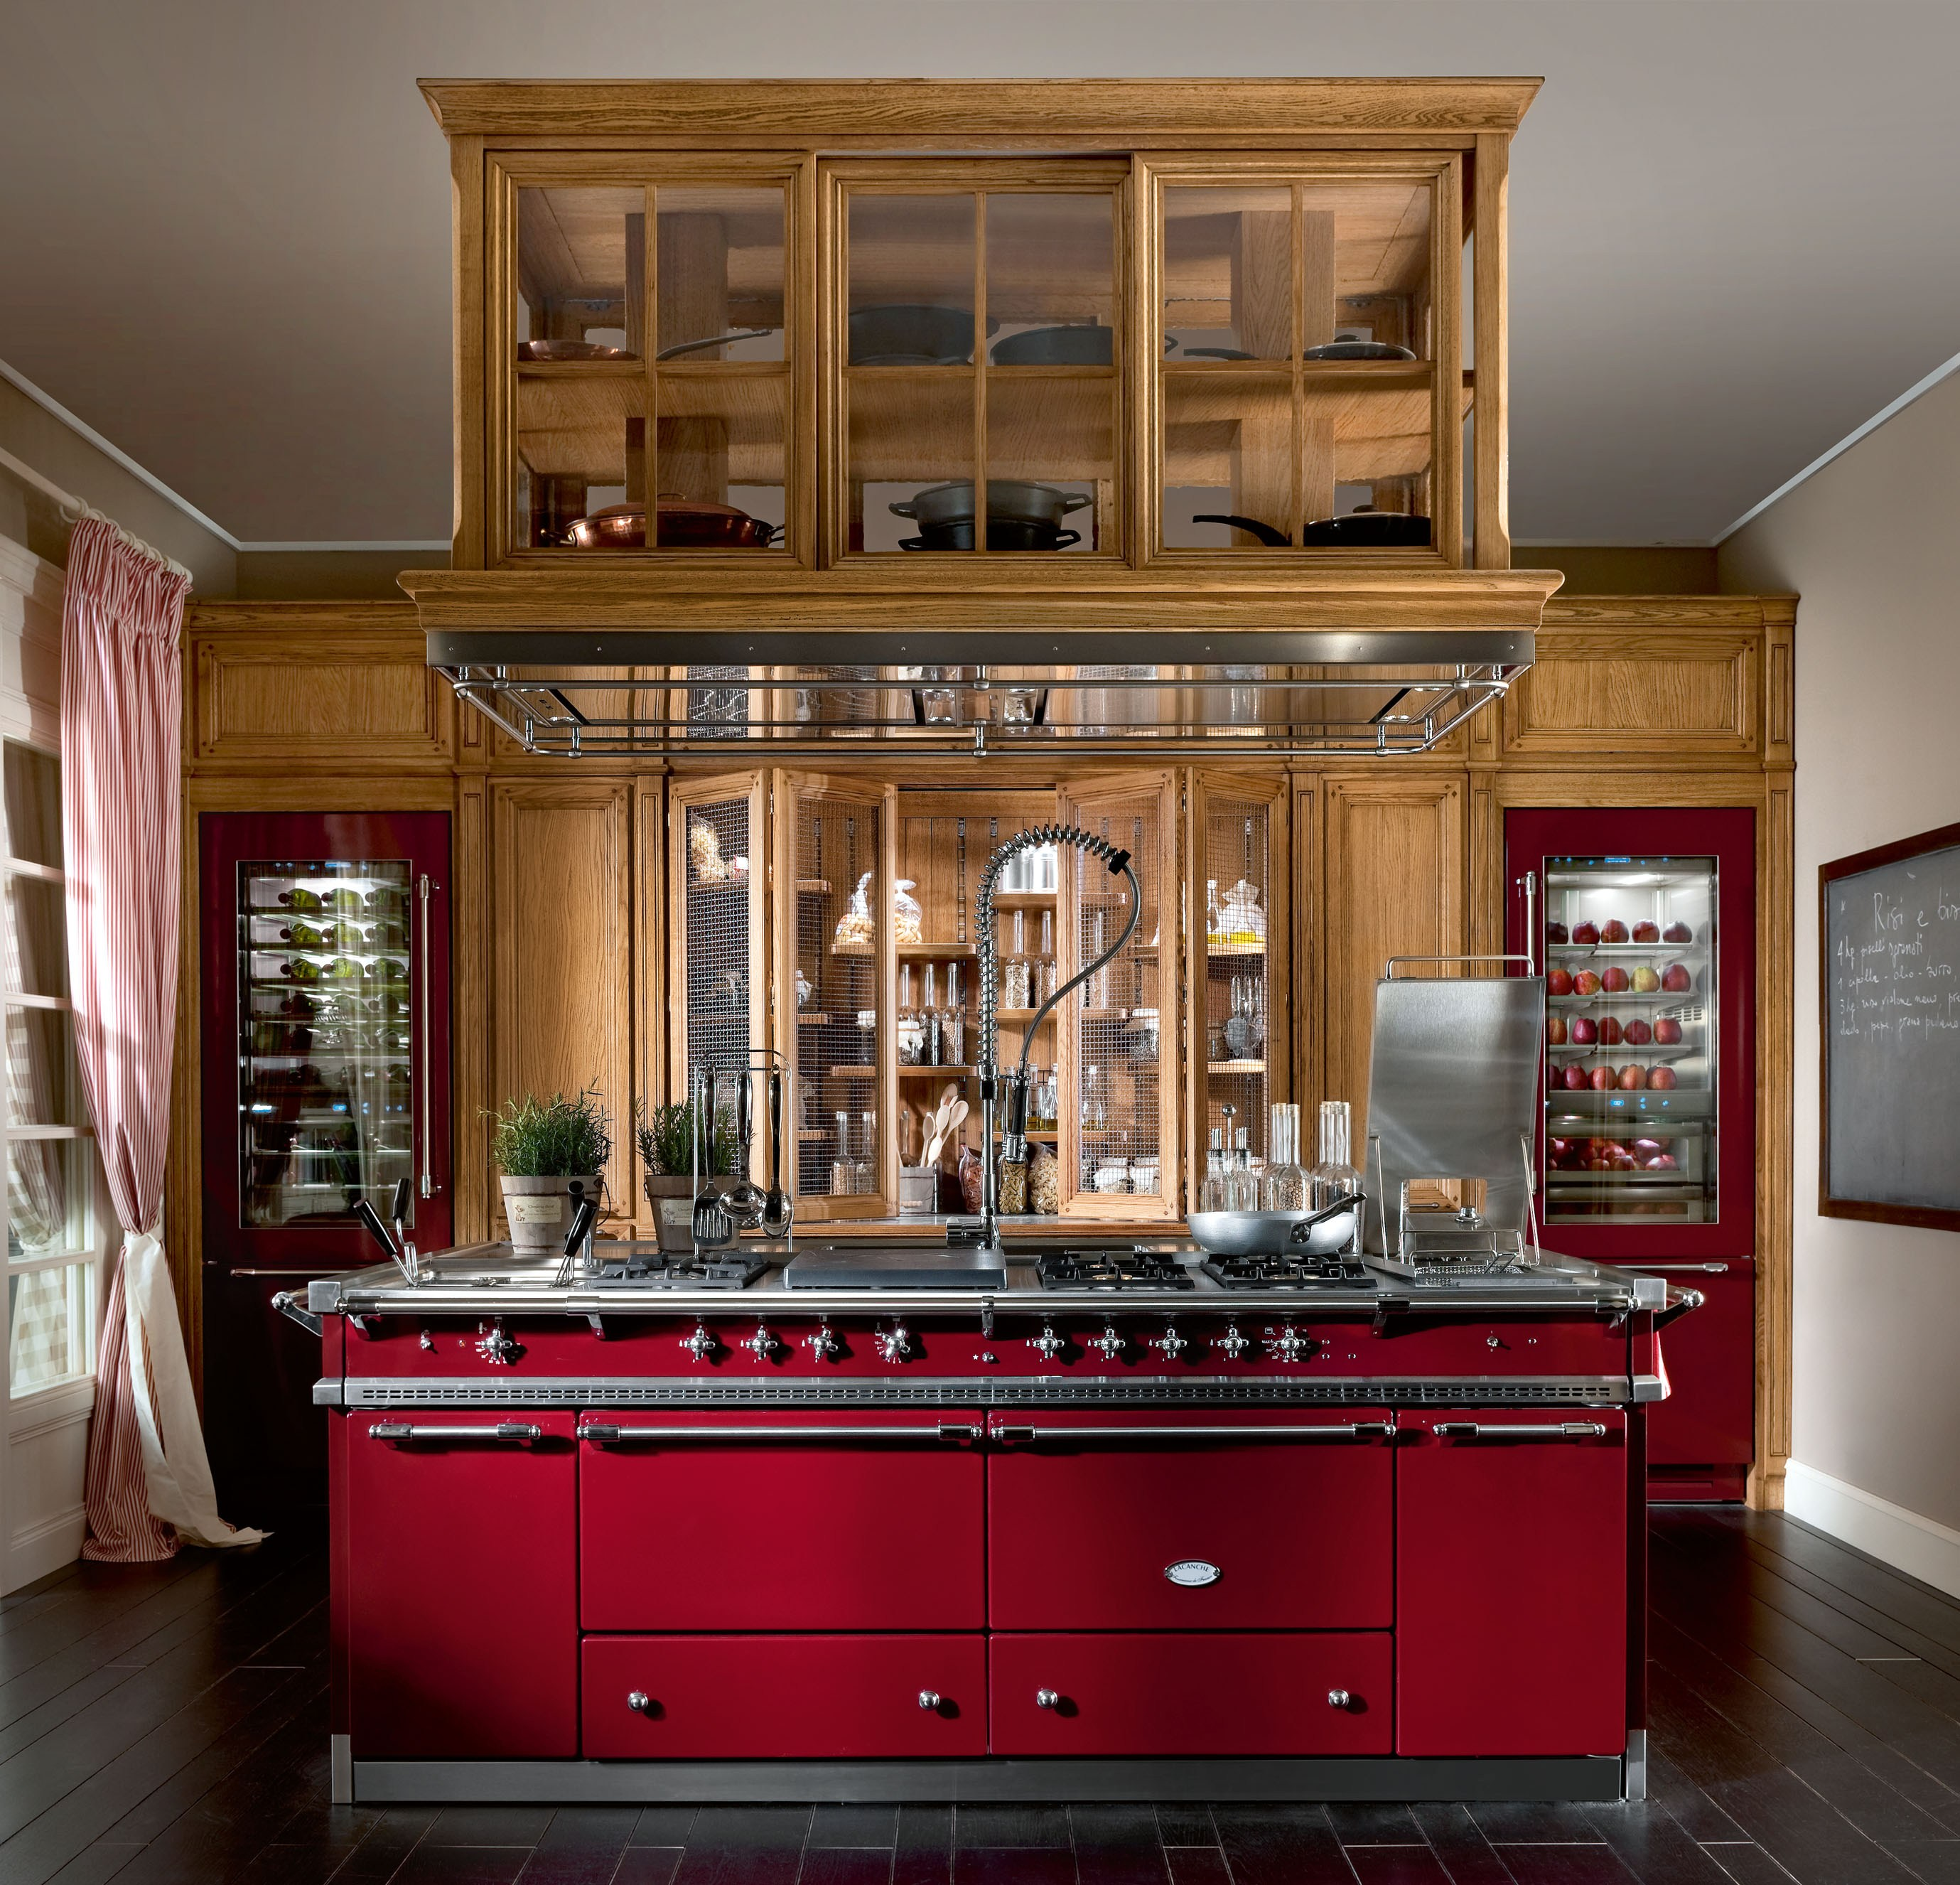 Cucina componibile con isola monterey by l 39 ottocento - L ottocento mobili ...